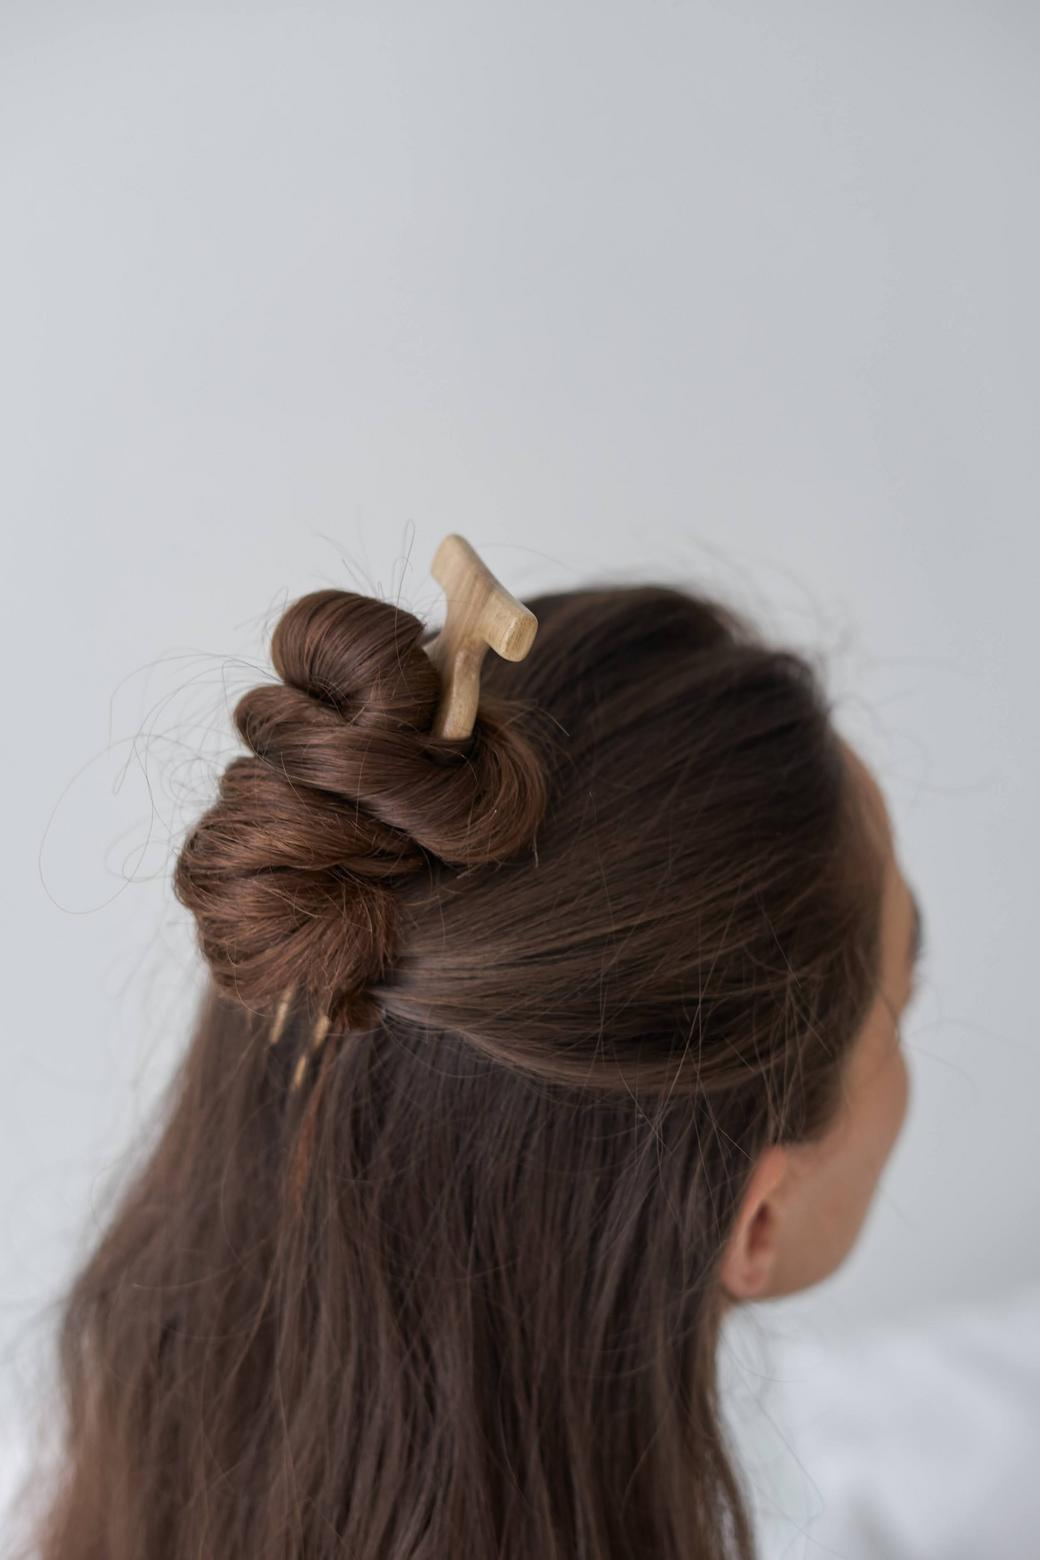 Заколка для волос в восточном стиле из древесины ореха